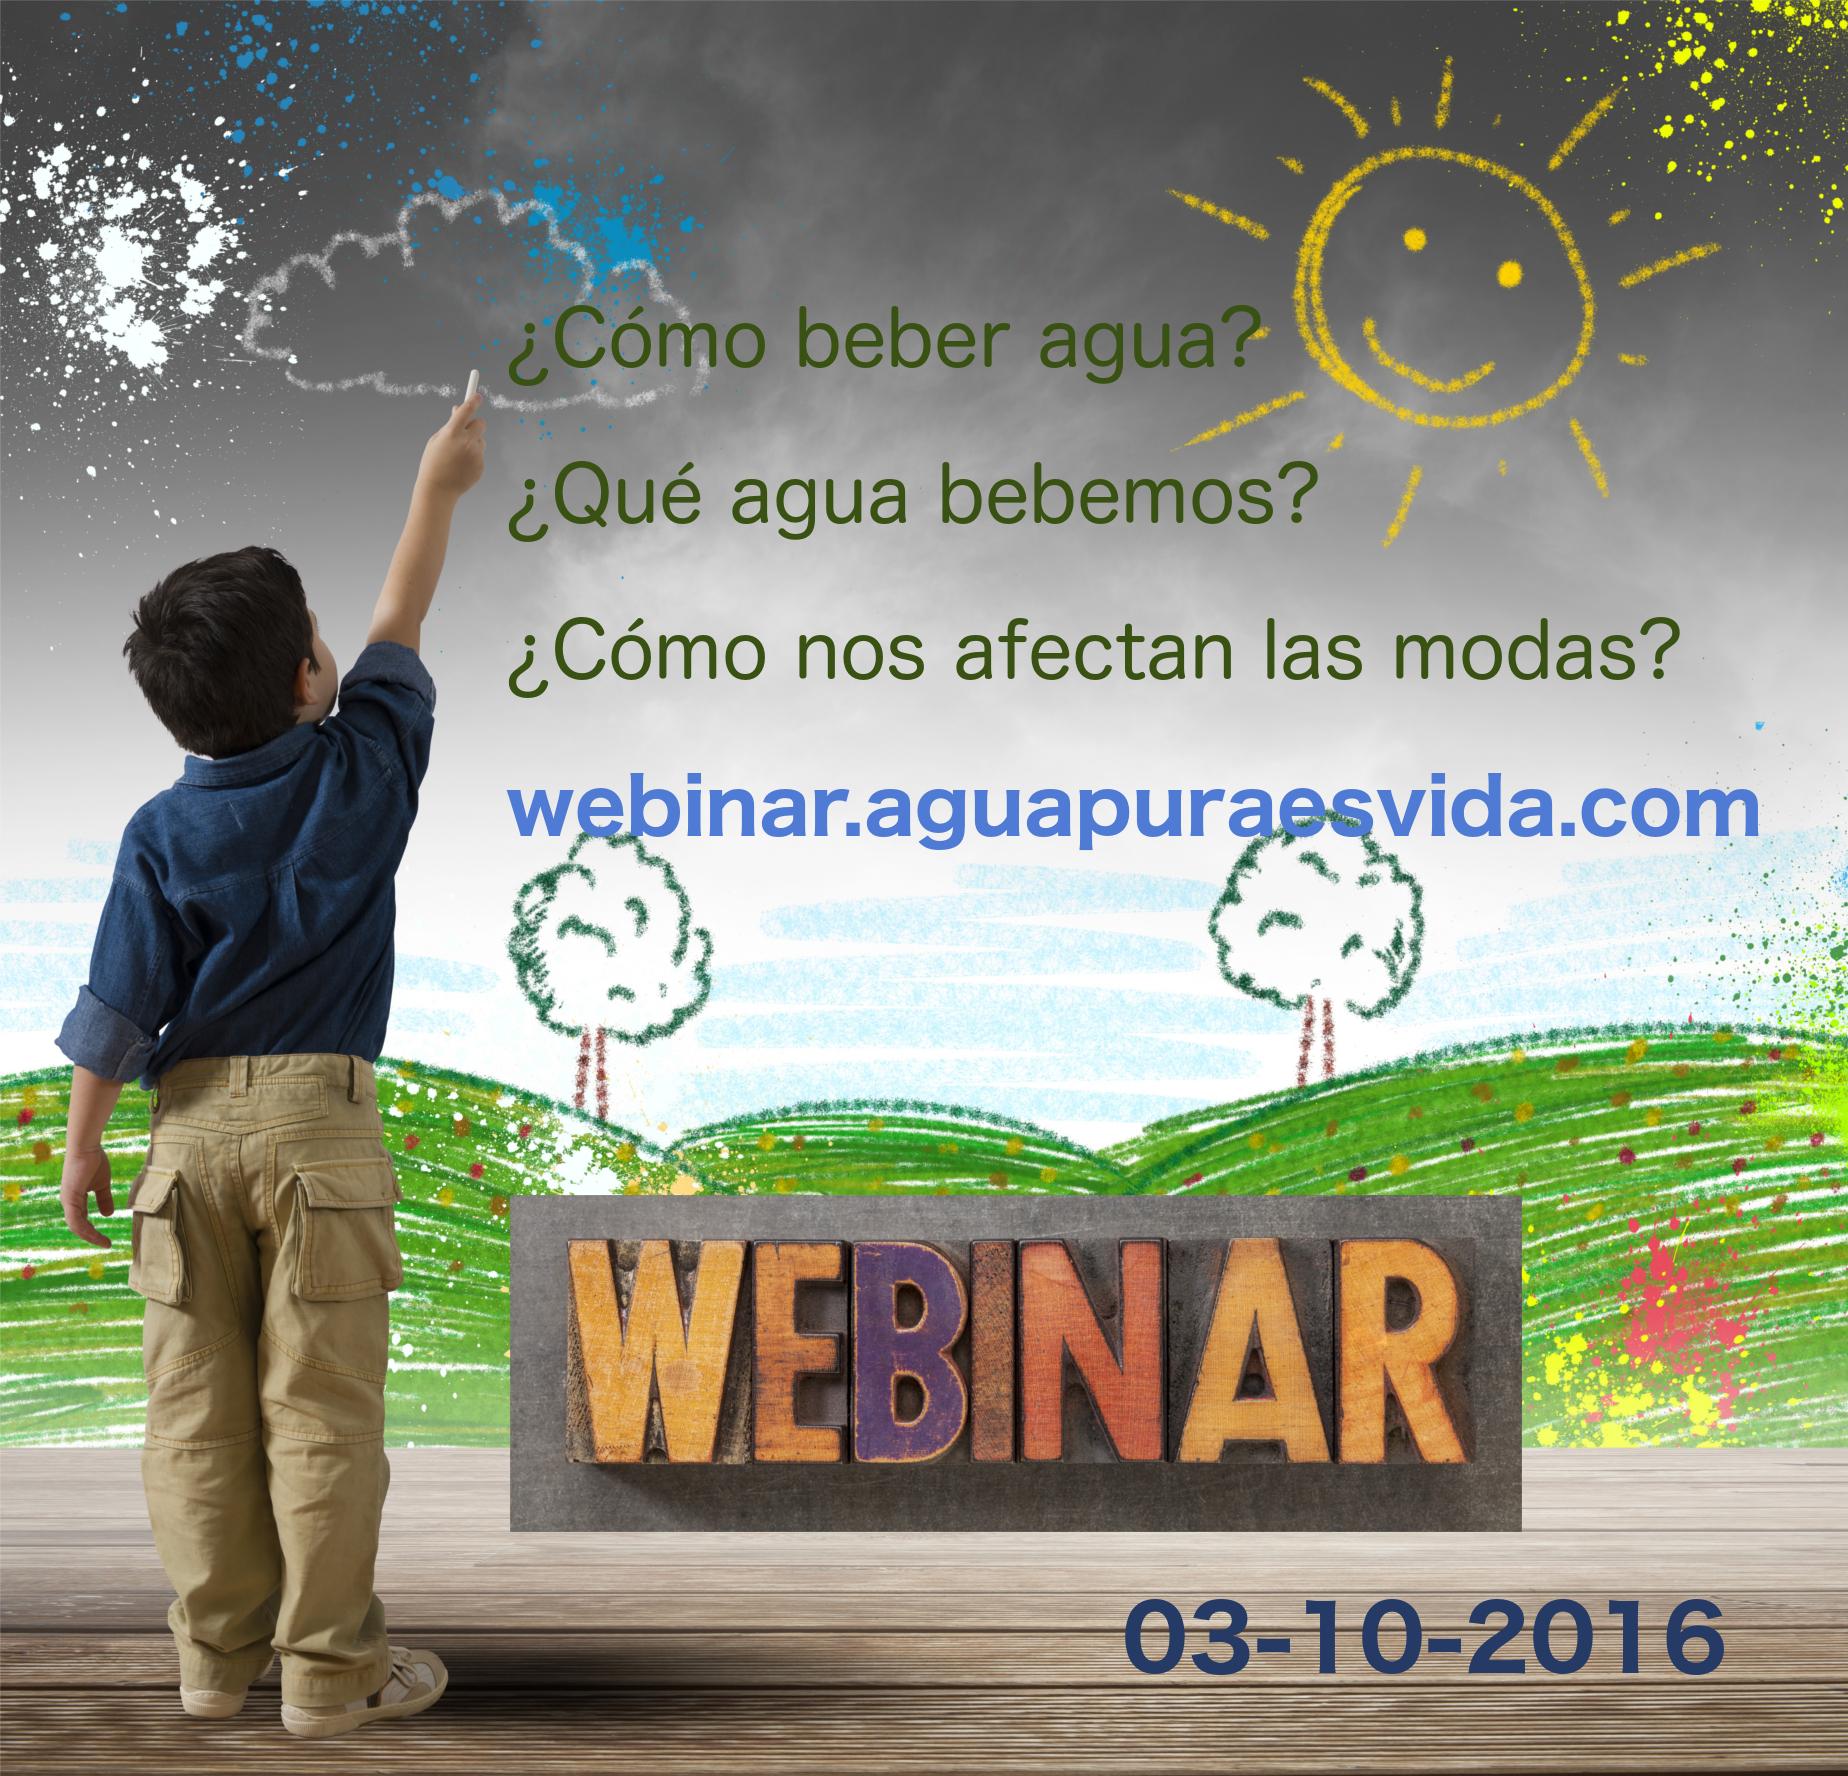 """Webinar: """"Conceptos básicos para beber agua; Método, tipología, marketing asociado""""."""